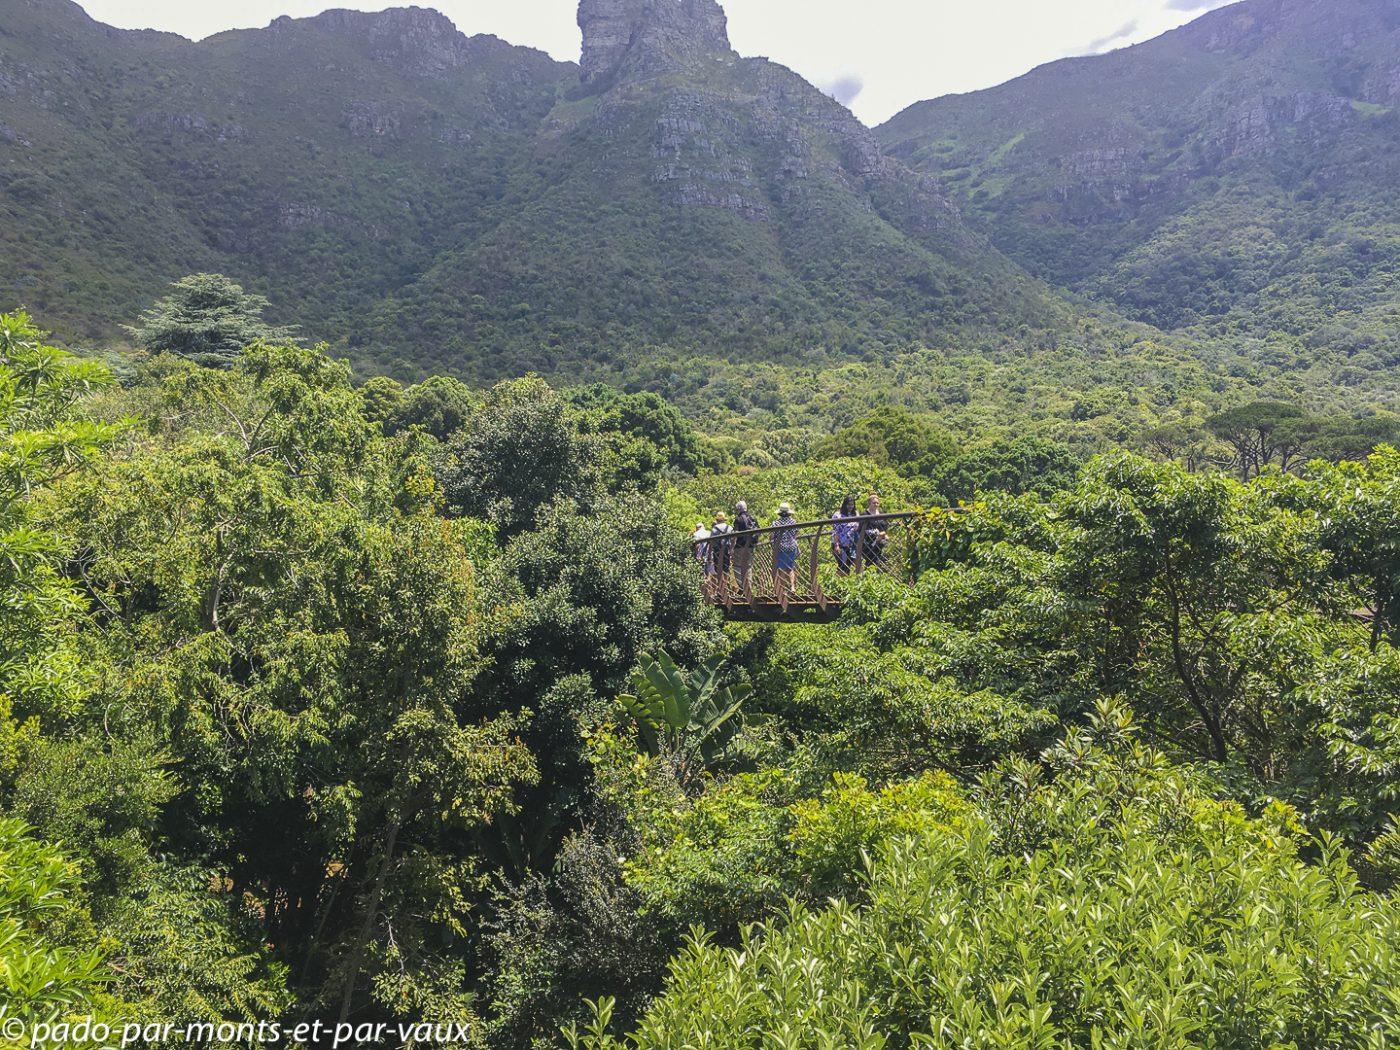 Kirstenbosch garden